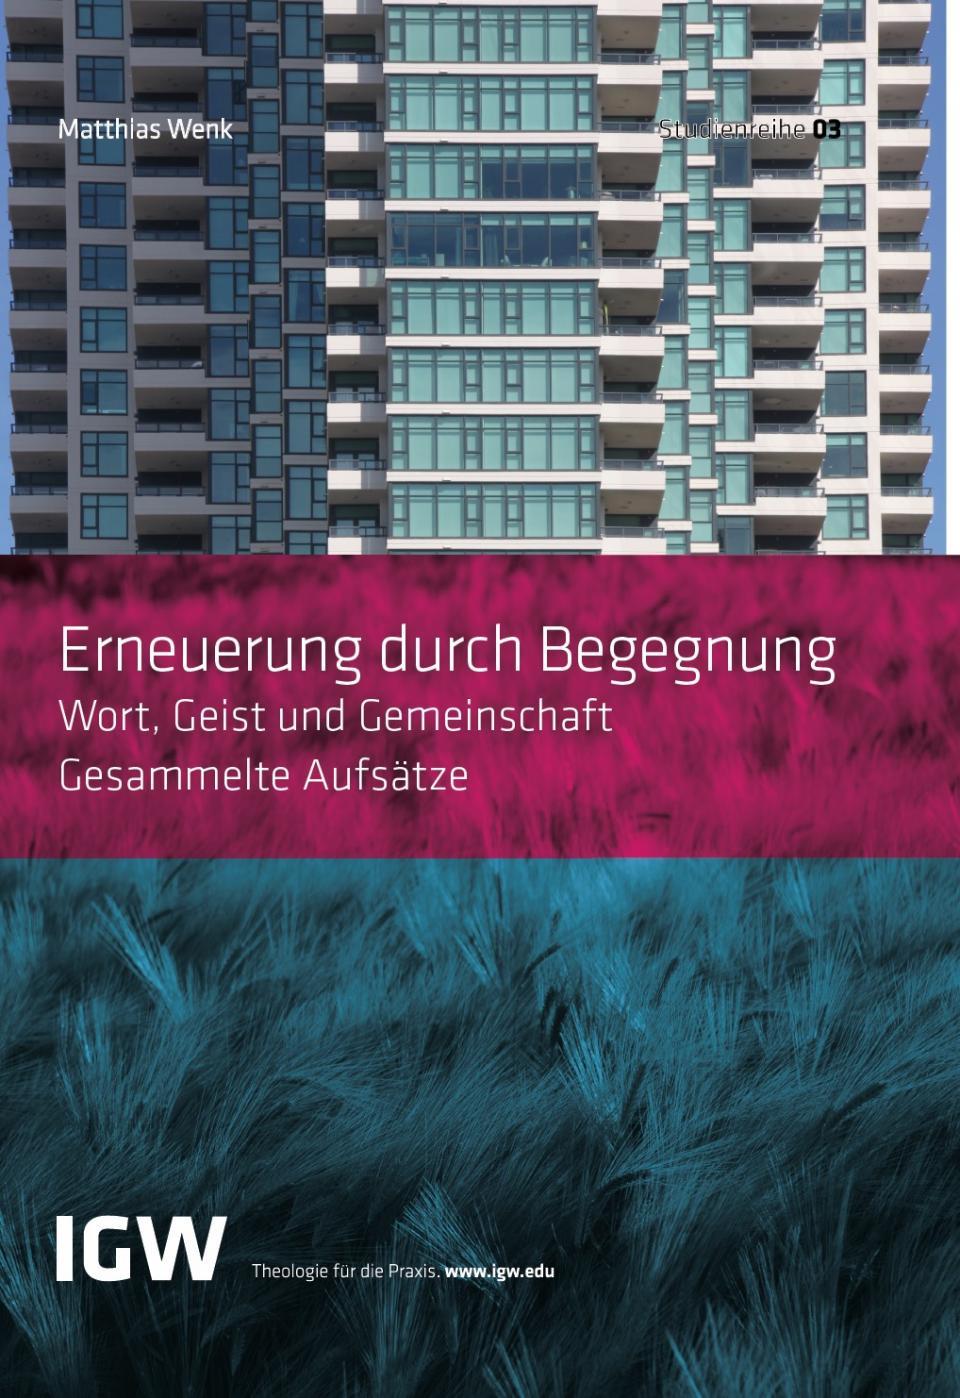 Neues Buch der Studienreihe IGW: Erneuerung durch Begegnung - IGW